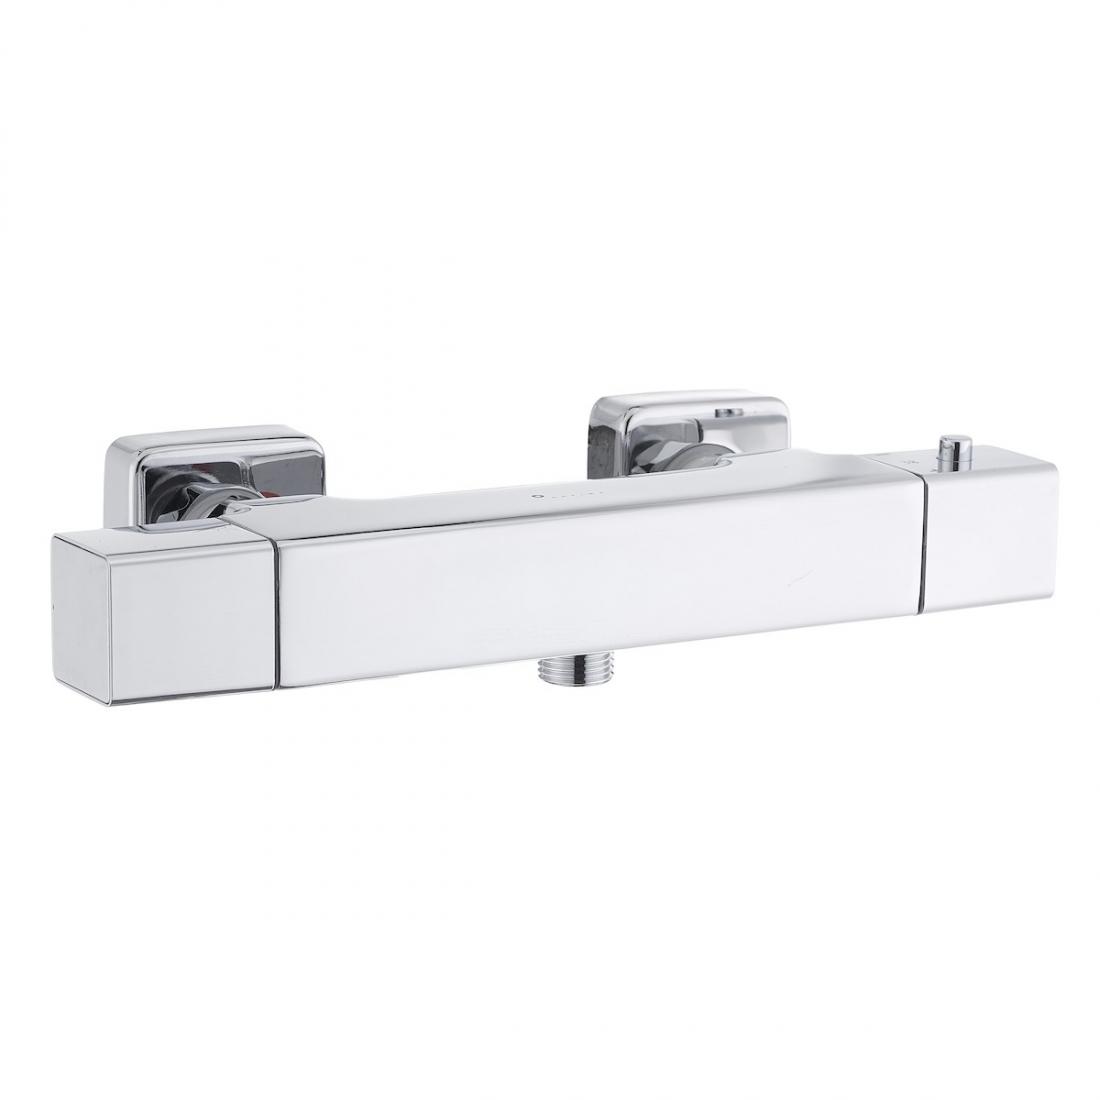 Sprchová baterie Optima bez sprchového setu 150 mm chrom SIKOBST268Z